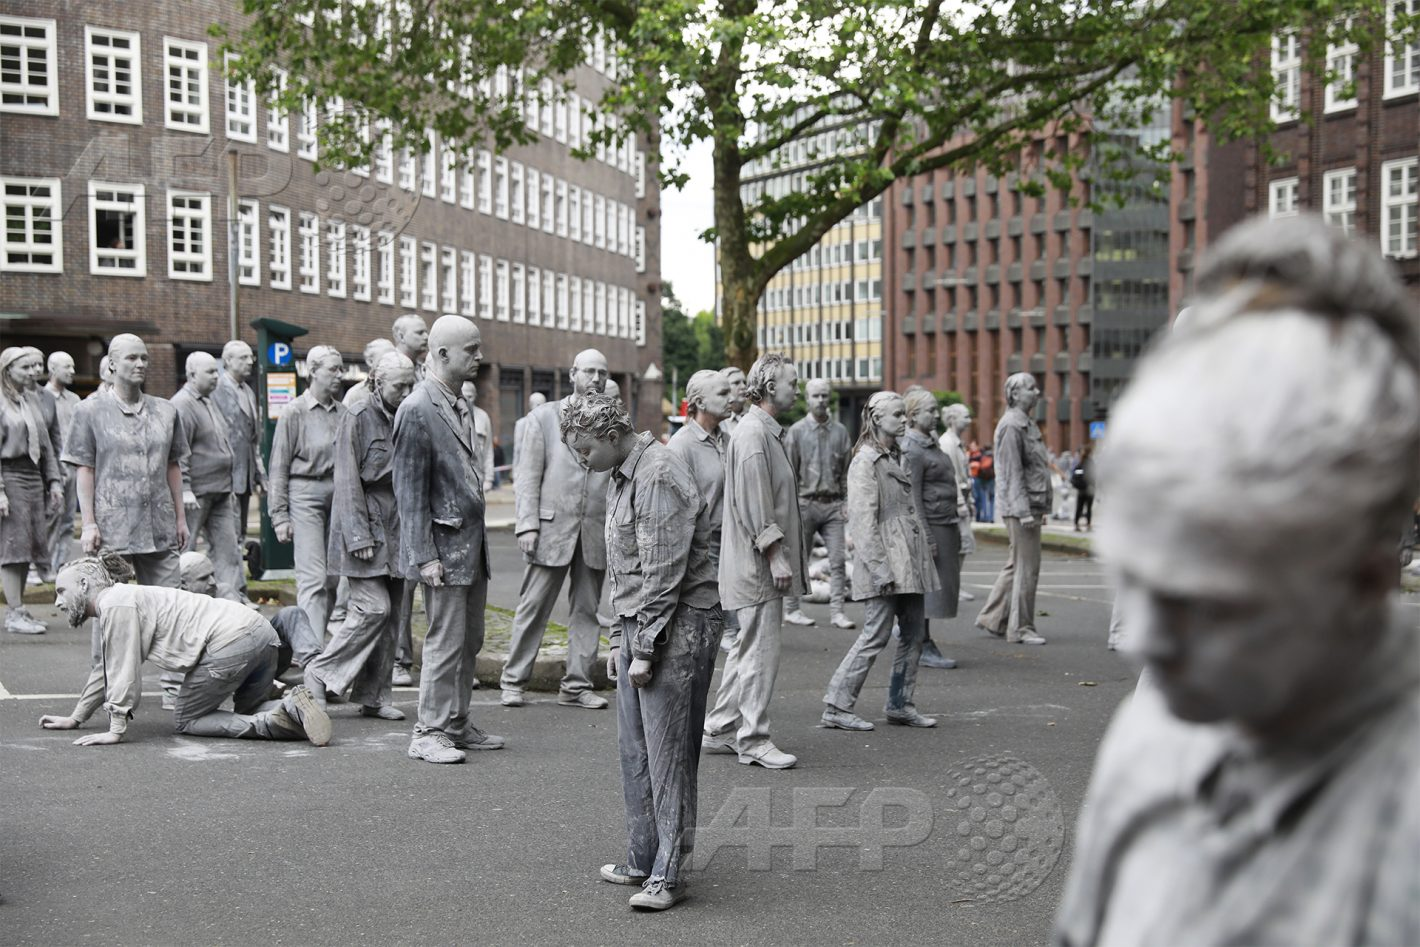 AFP 9 / ALLEMAGNE 5 juillet 2017 - Hambourg, Allemagne - Des figurants recouverts de glaise réalisent une performance artistique appelée « 1000 Gestalten » pour protester contre la tenue du G20. Plus de 100 000 activistes anti capitalistes, dont des milliers d'extrémistes de gauche, sont attendus dans la ville. AFP / ODD ANDERSEN